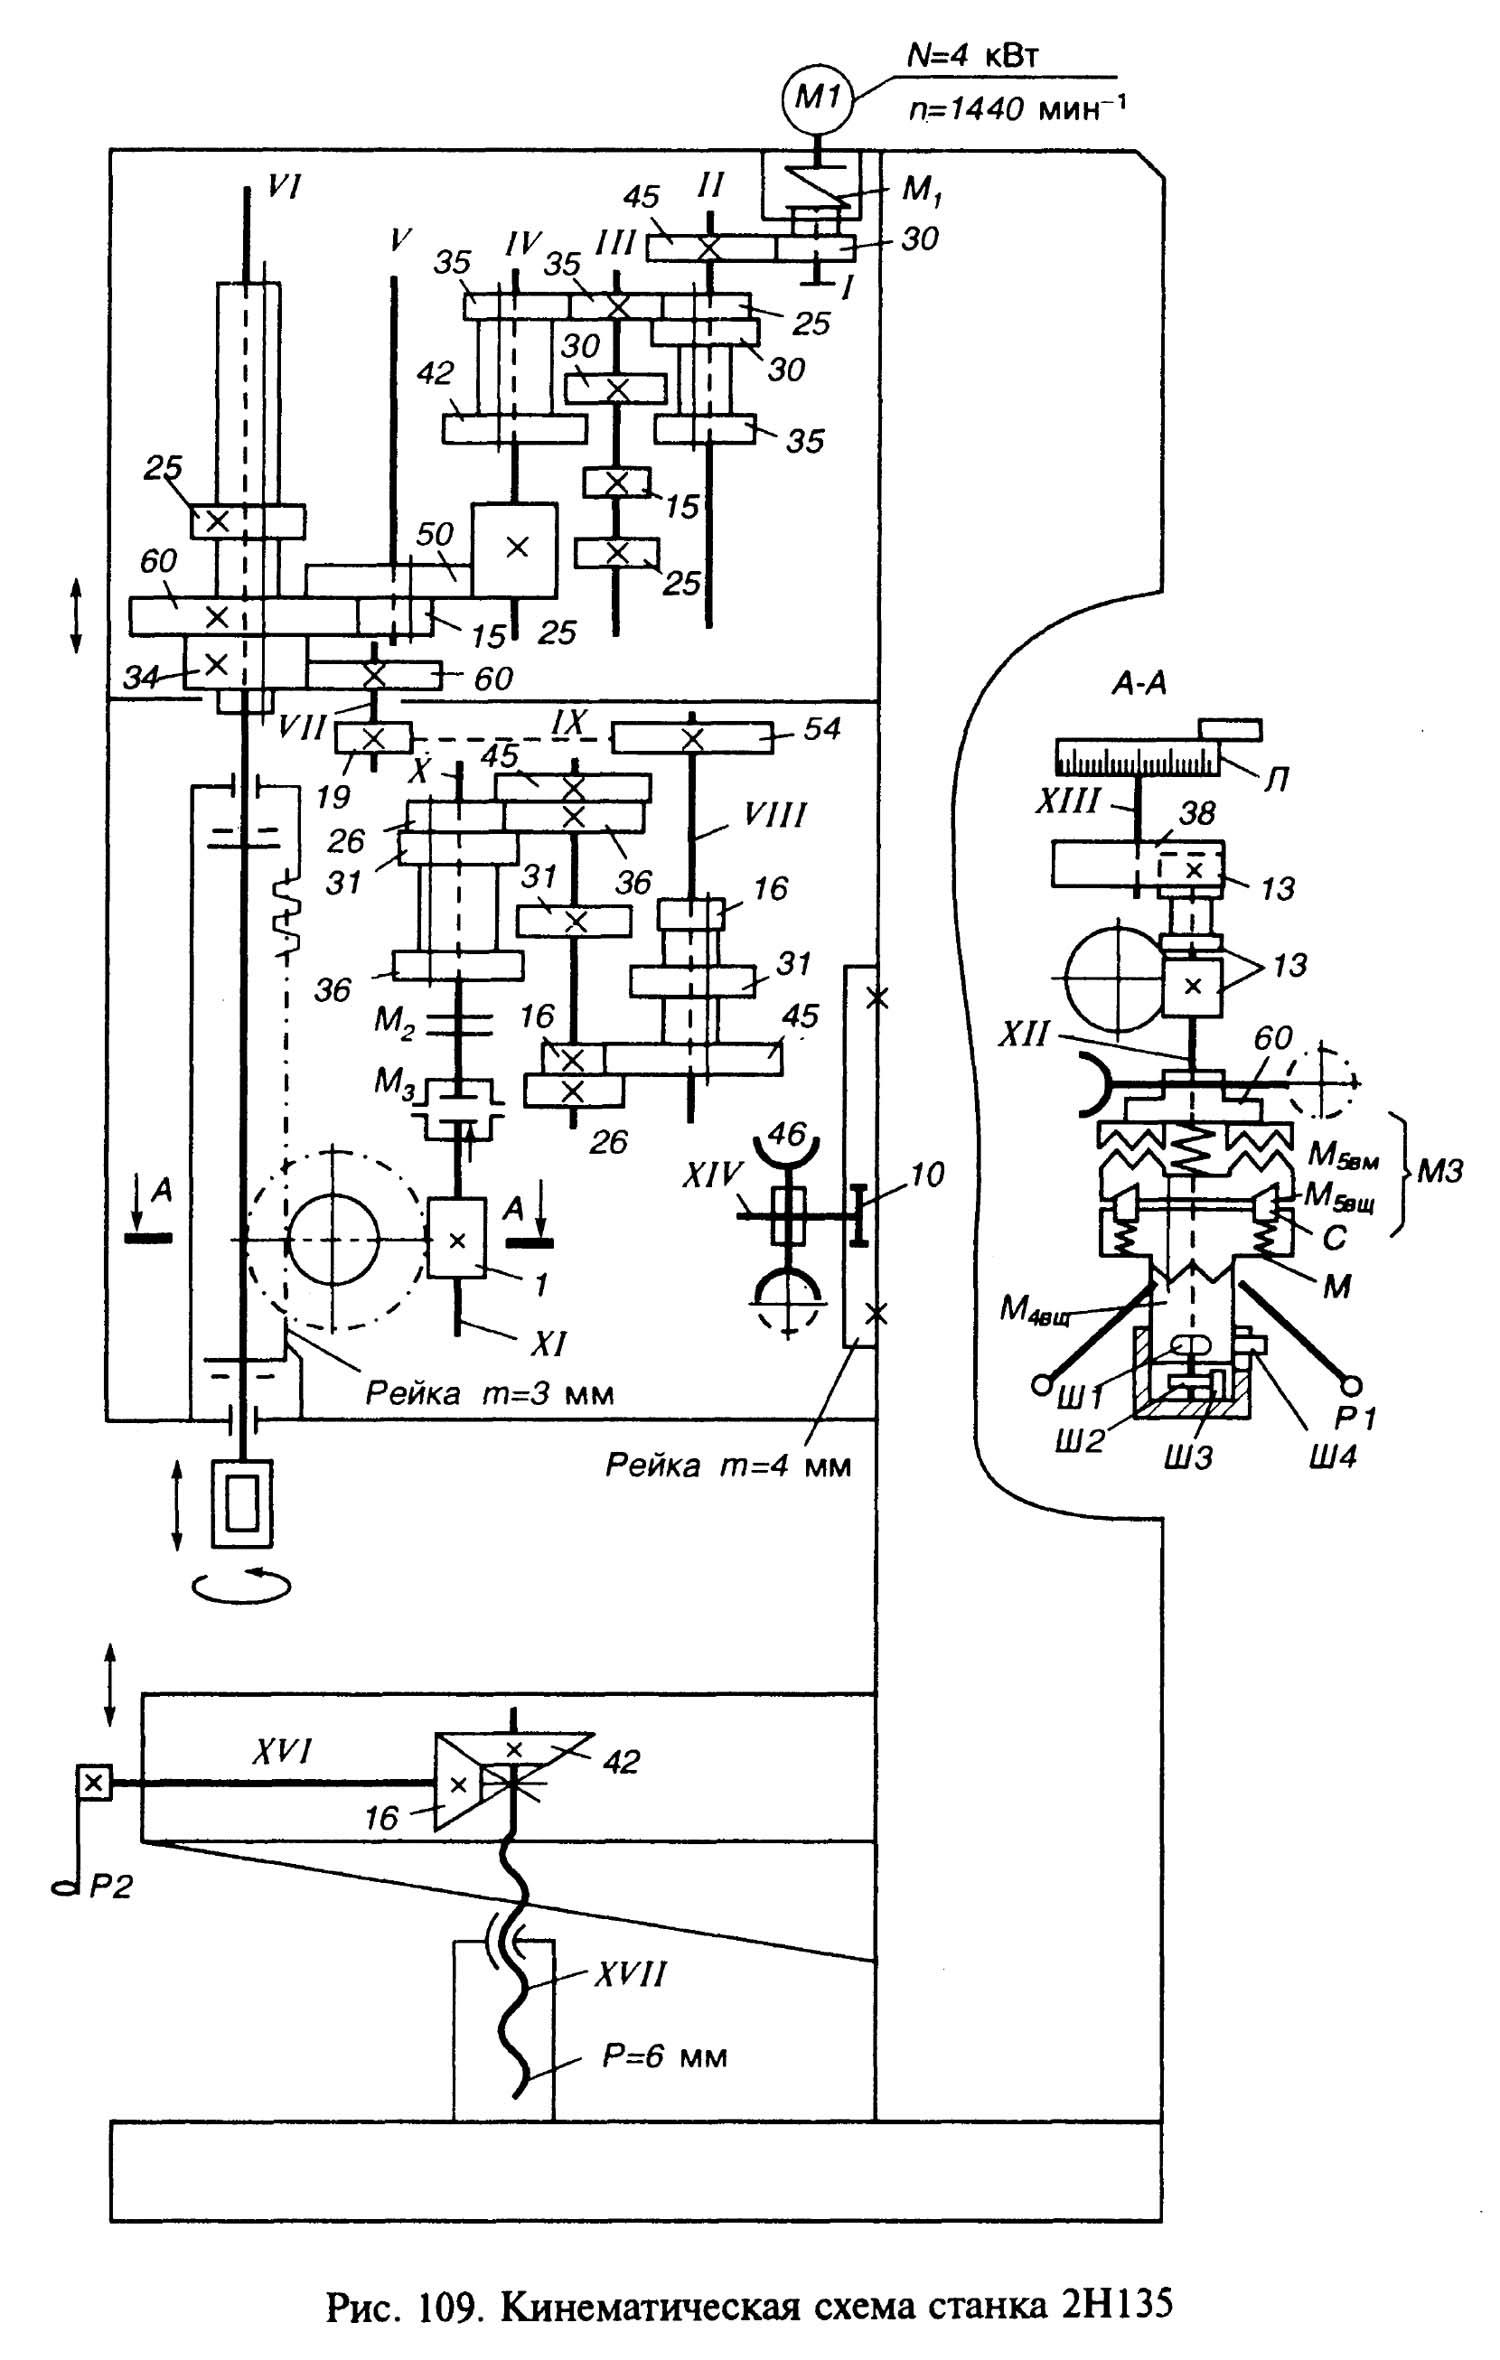 Кинематическая схема зубострогального станка 5Т23В